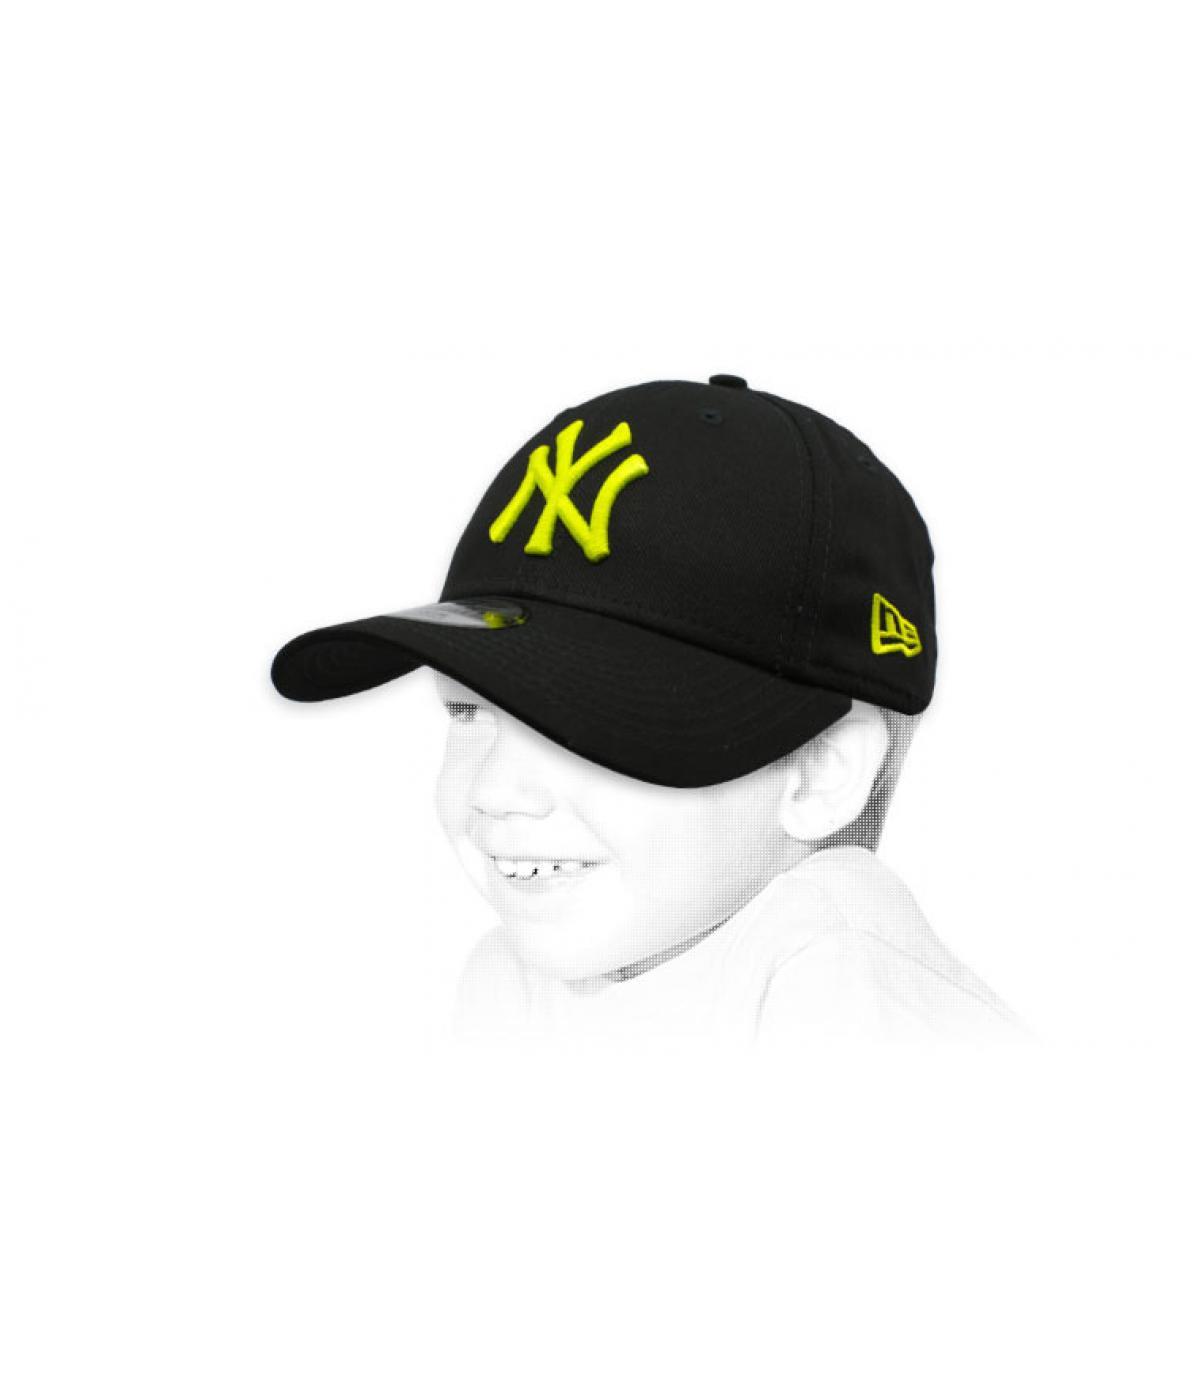 casquette NY enfant noir jaune